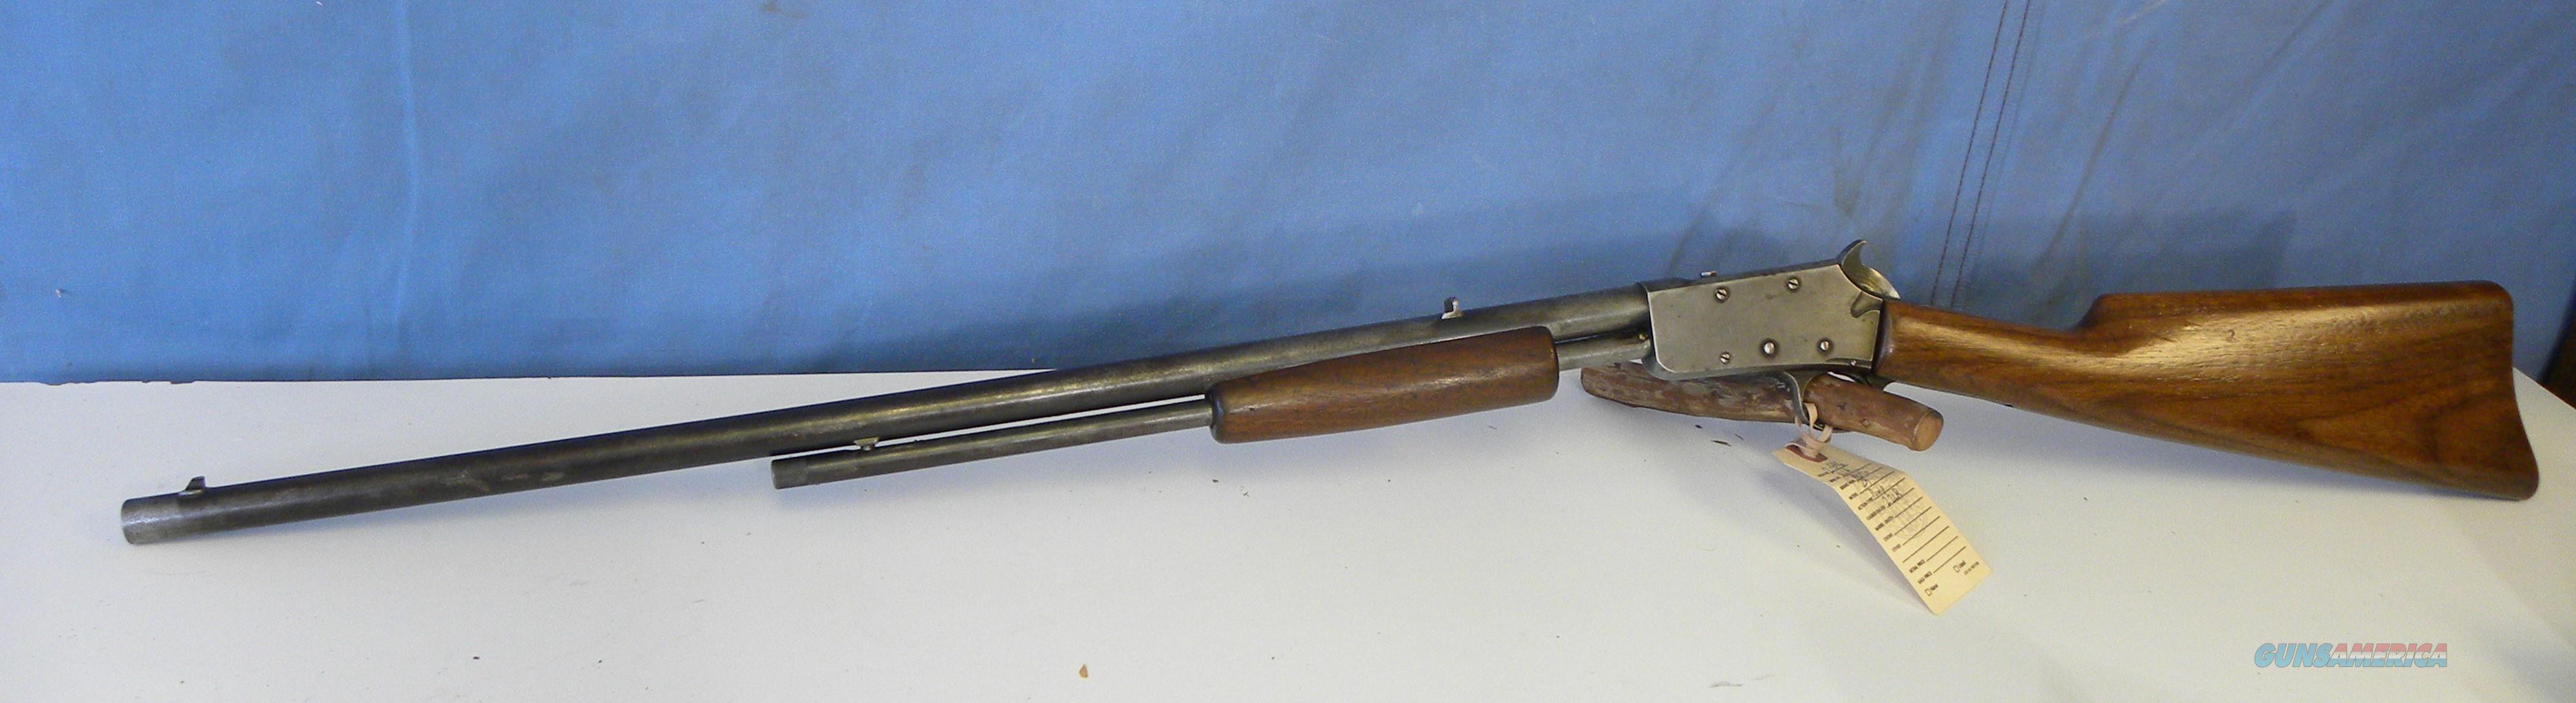 Marlin Model 29  Guns > Rifles > Marlin Rifles > Modern > Bolt/Pump